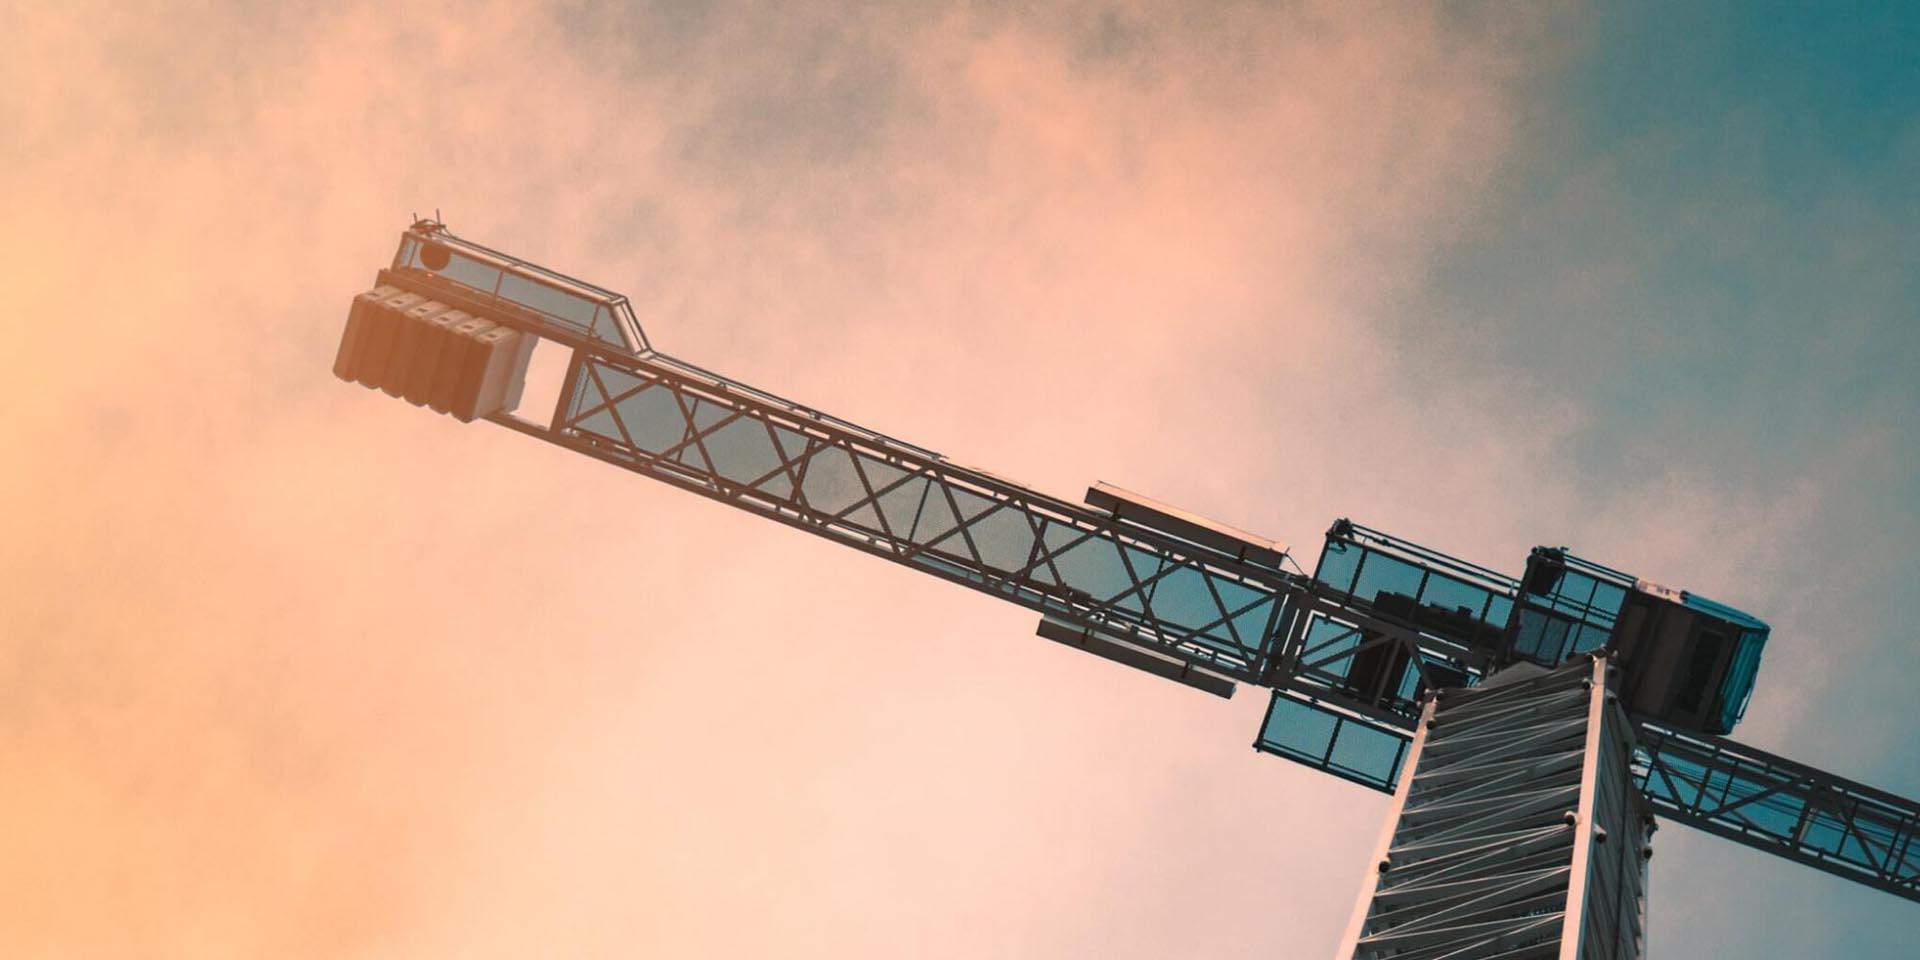 Ein Kran auf einer Baustelle während der Corona Pandemie vor einem wolkig-orangenen Himmel